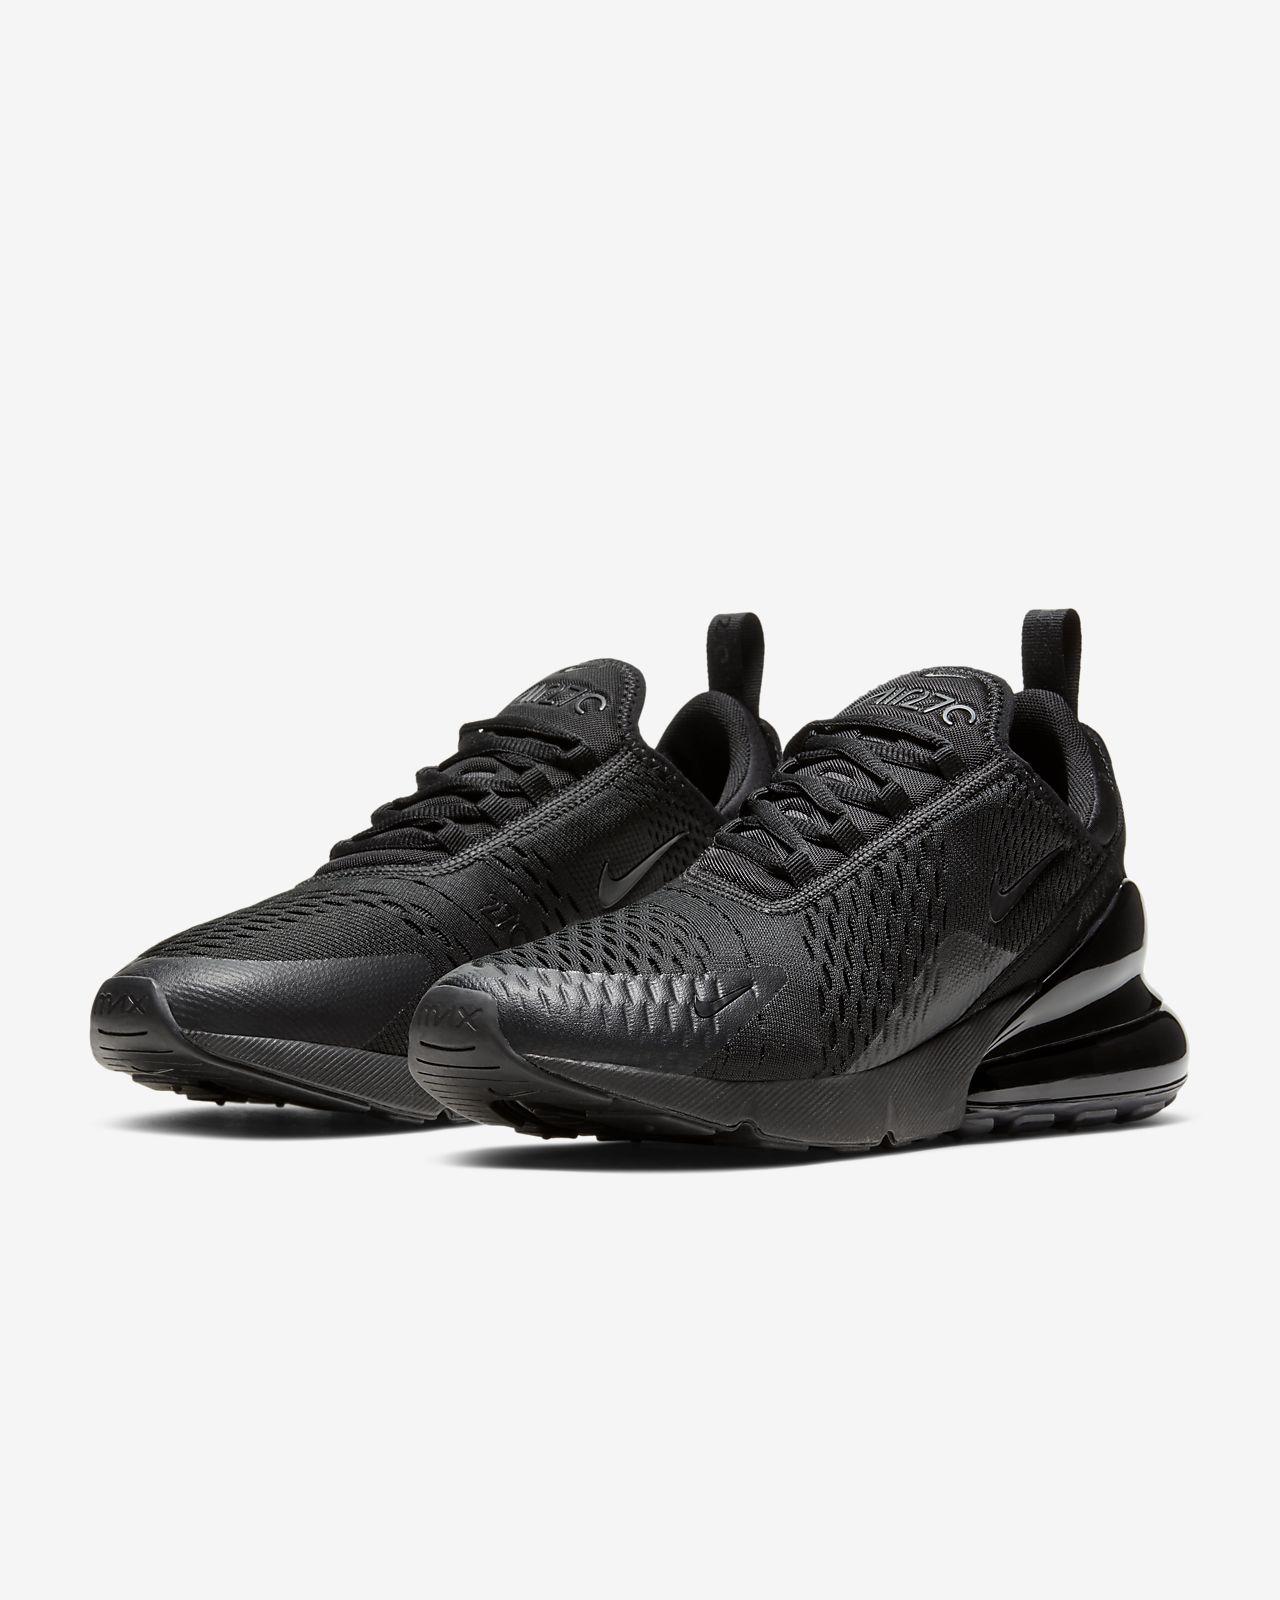 scarpe ragazzo nike 2018 air max